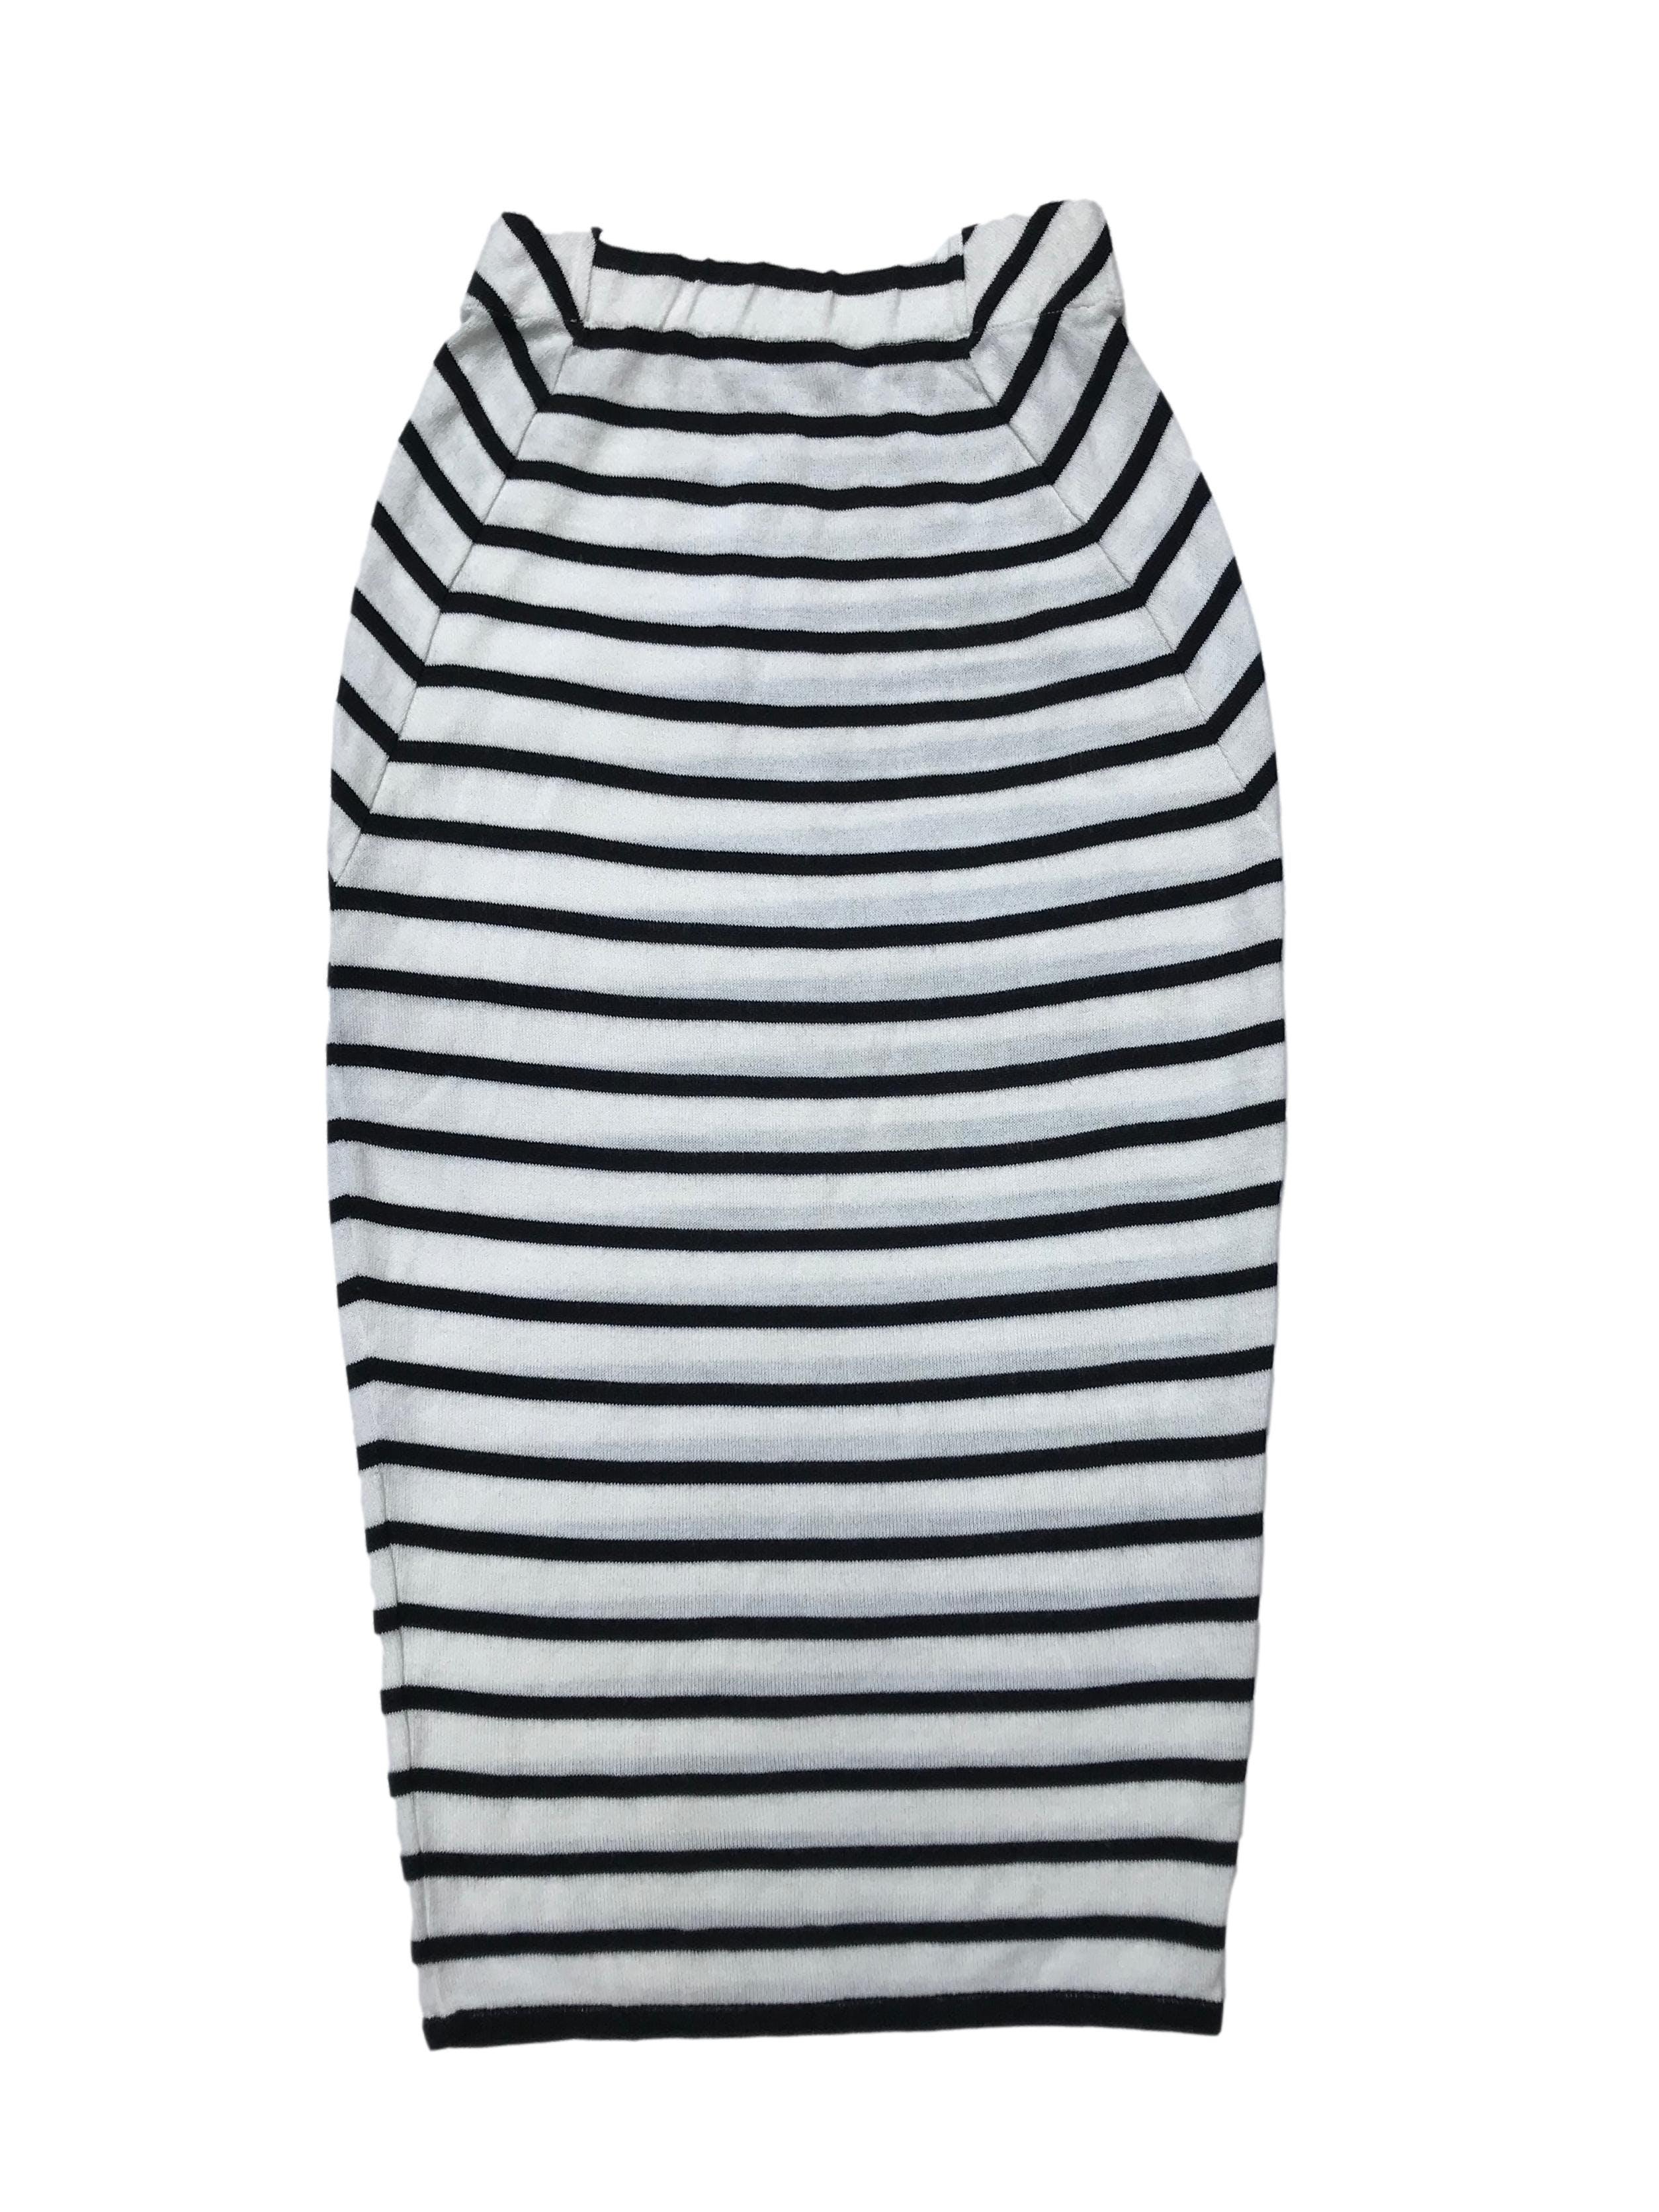 Falda midi de punto crema con líneas negras, elástico en la pretina, corte tubo. Largo 75 cm.